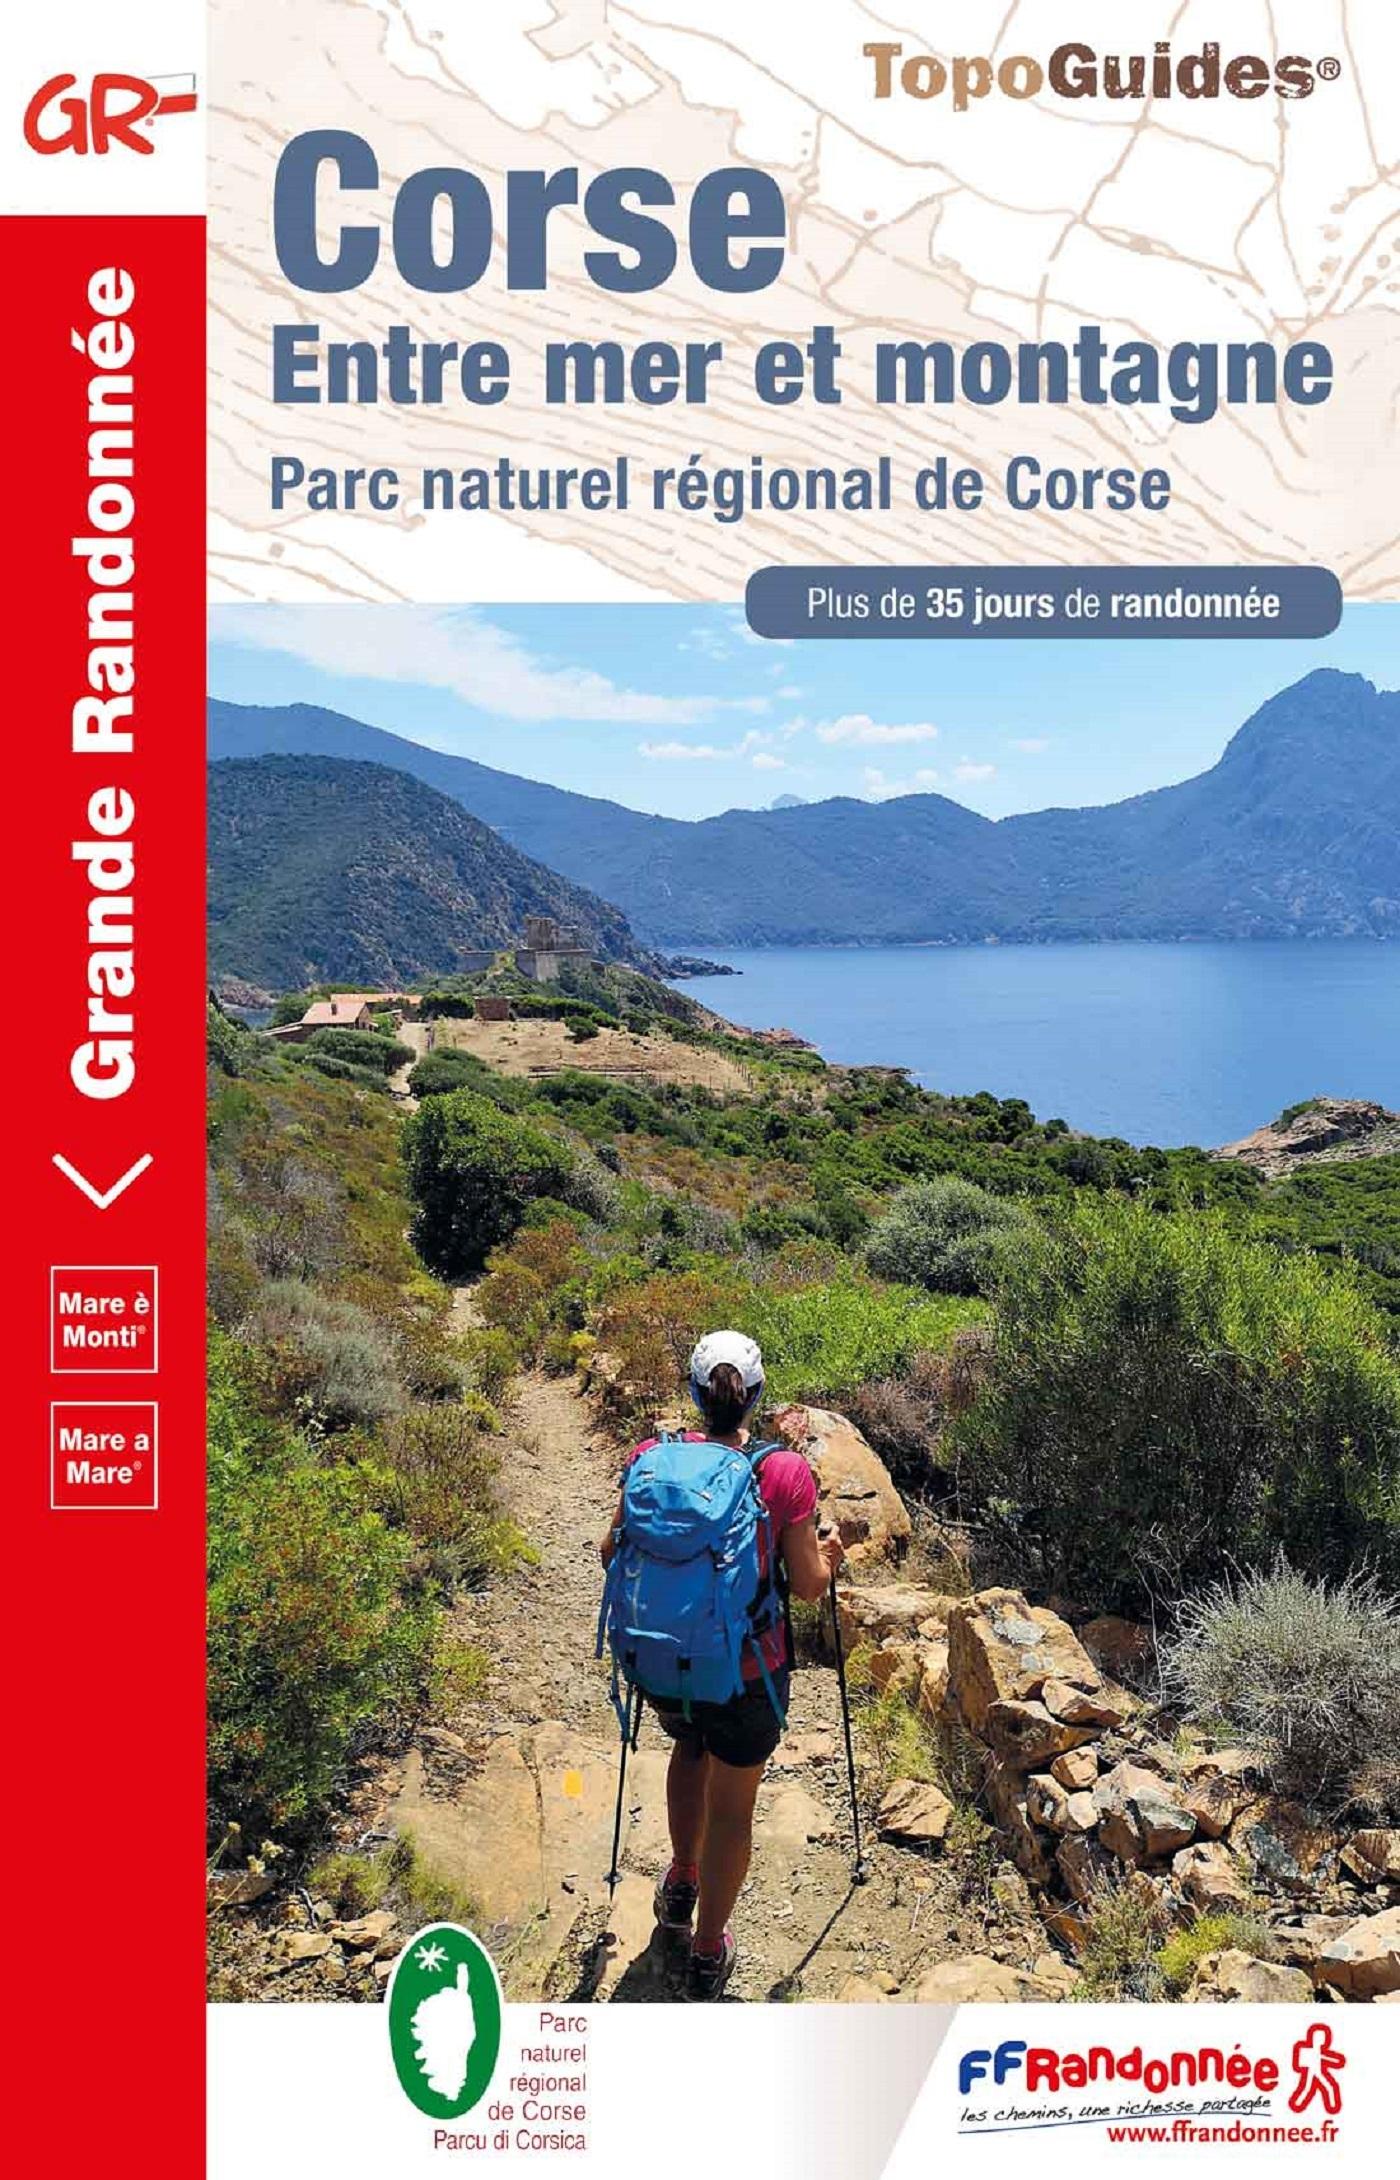 CORSE : ENTRE MER ET MONTAGNE - PARC NATUREL REGIONAL DE CORSE